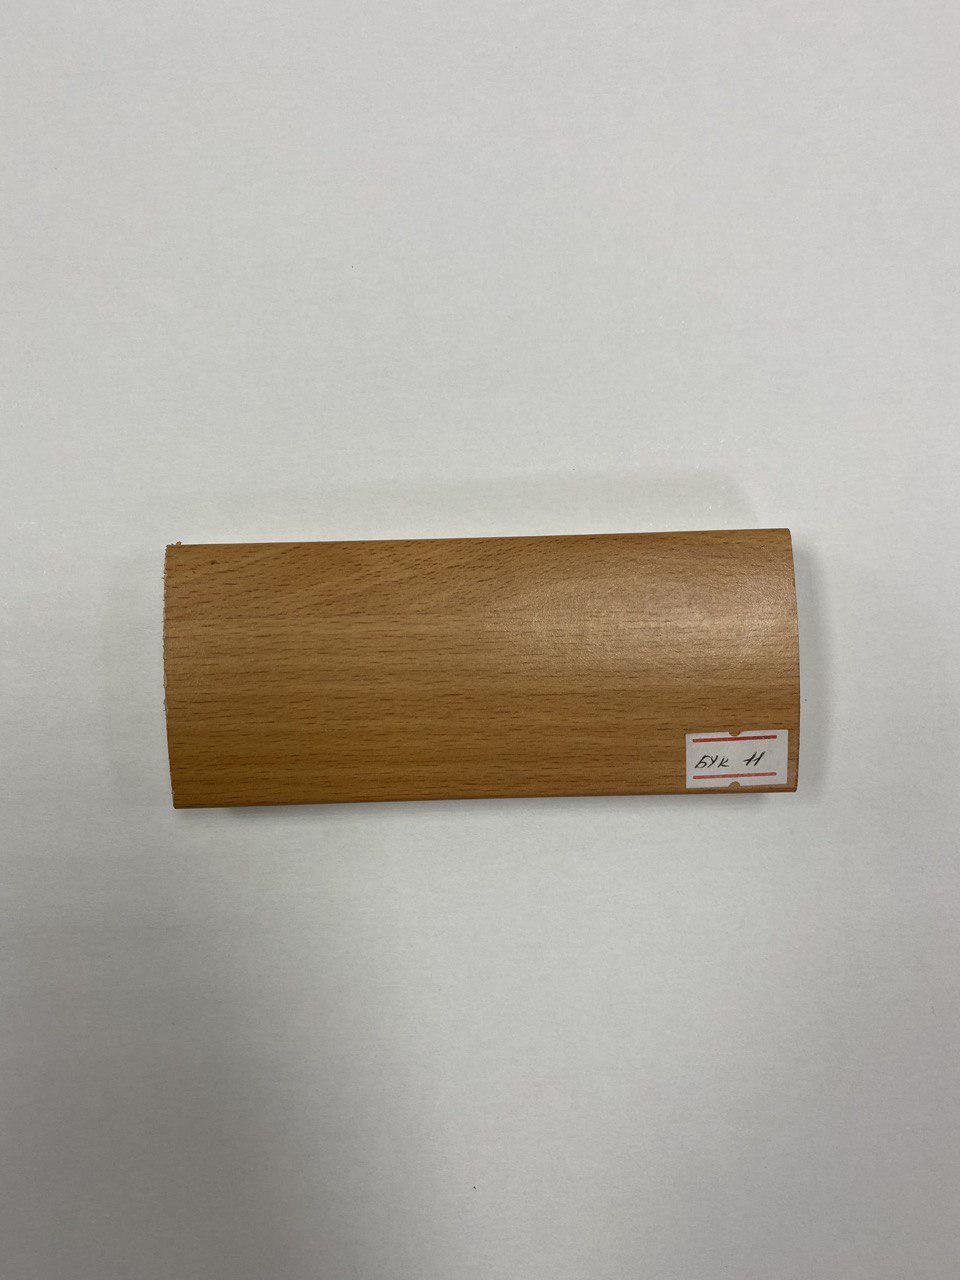 Профиль рамочный МДФ № 31 55*18 мм